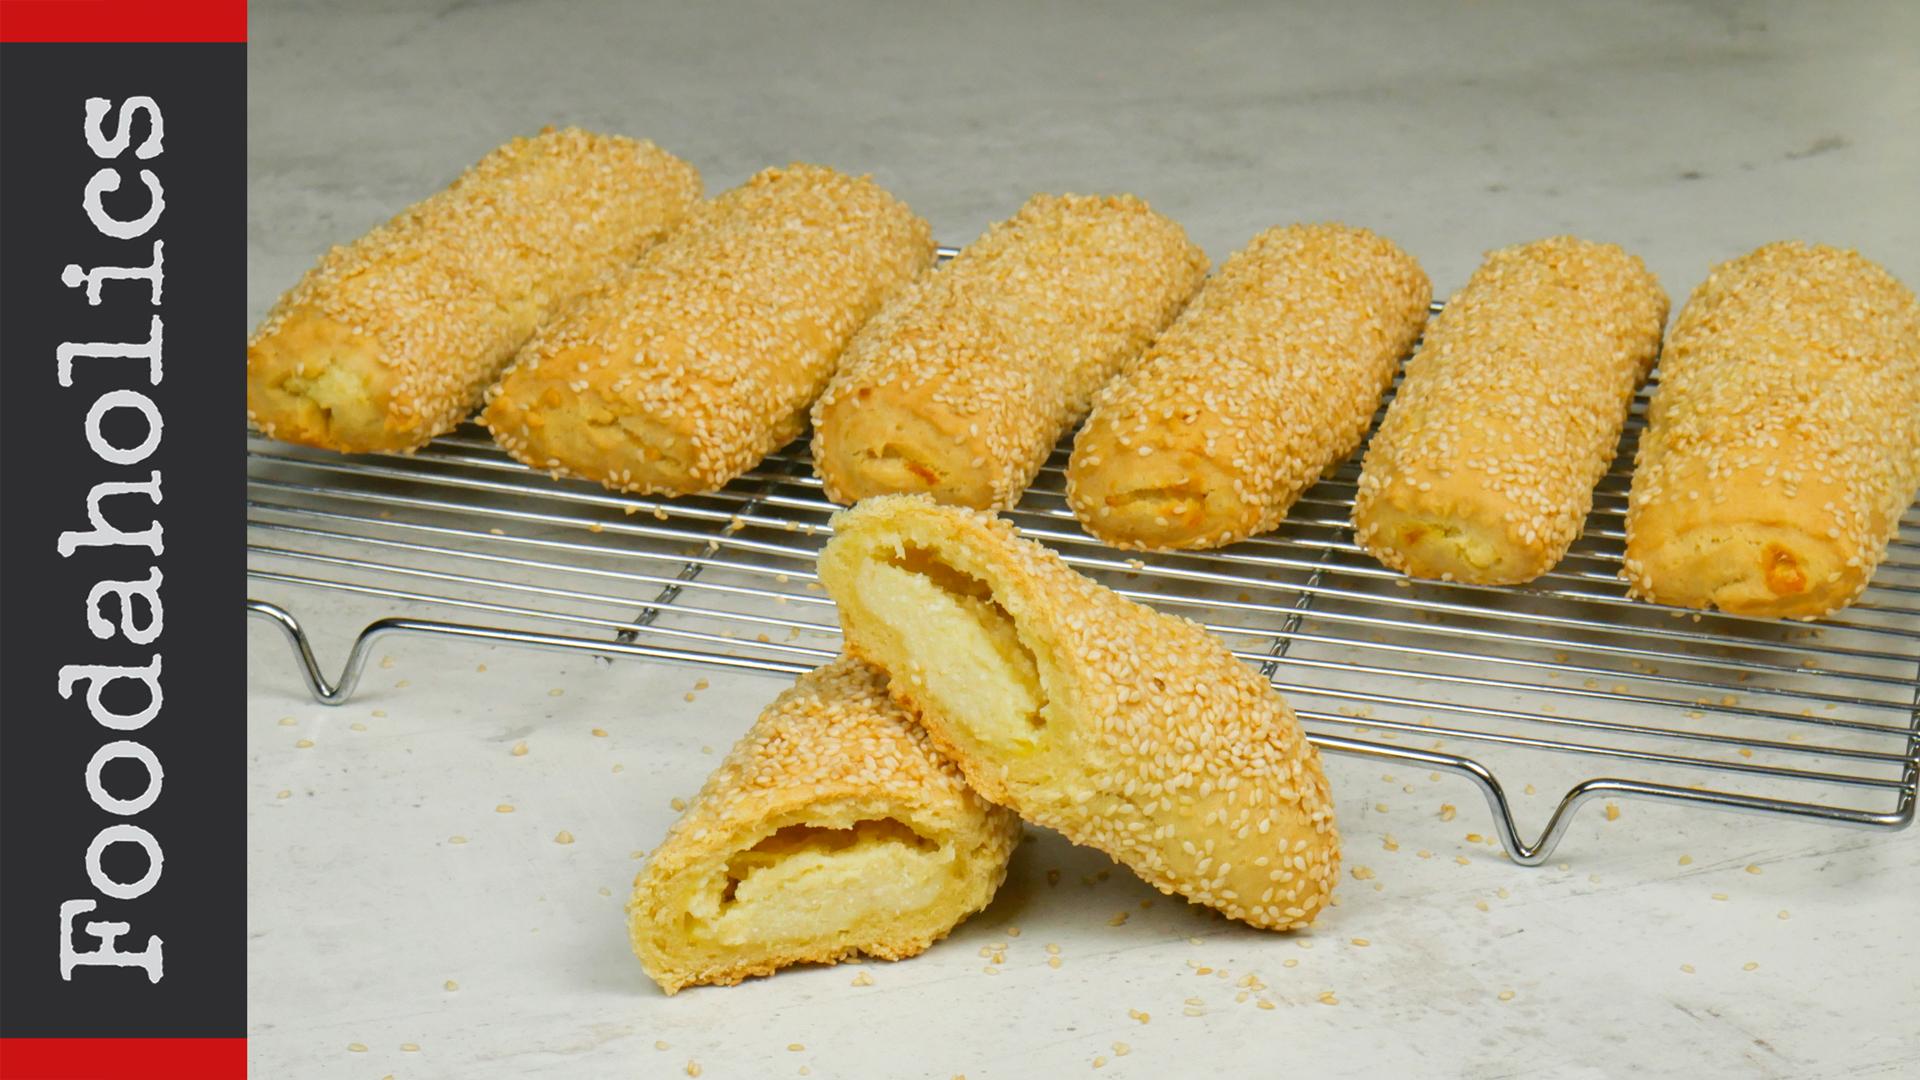 Φλογέρες με κρέμα από διάφορα τυριά & σουσάμι ιδανικά για κολατσιό